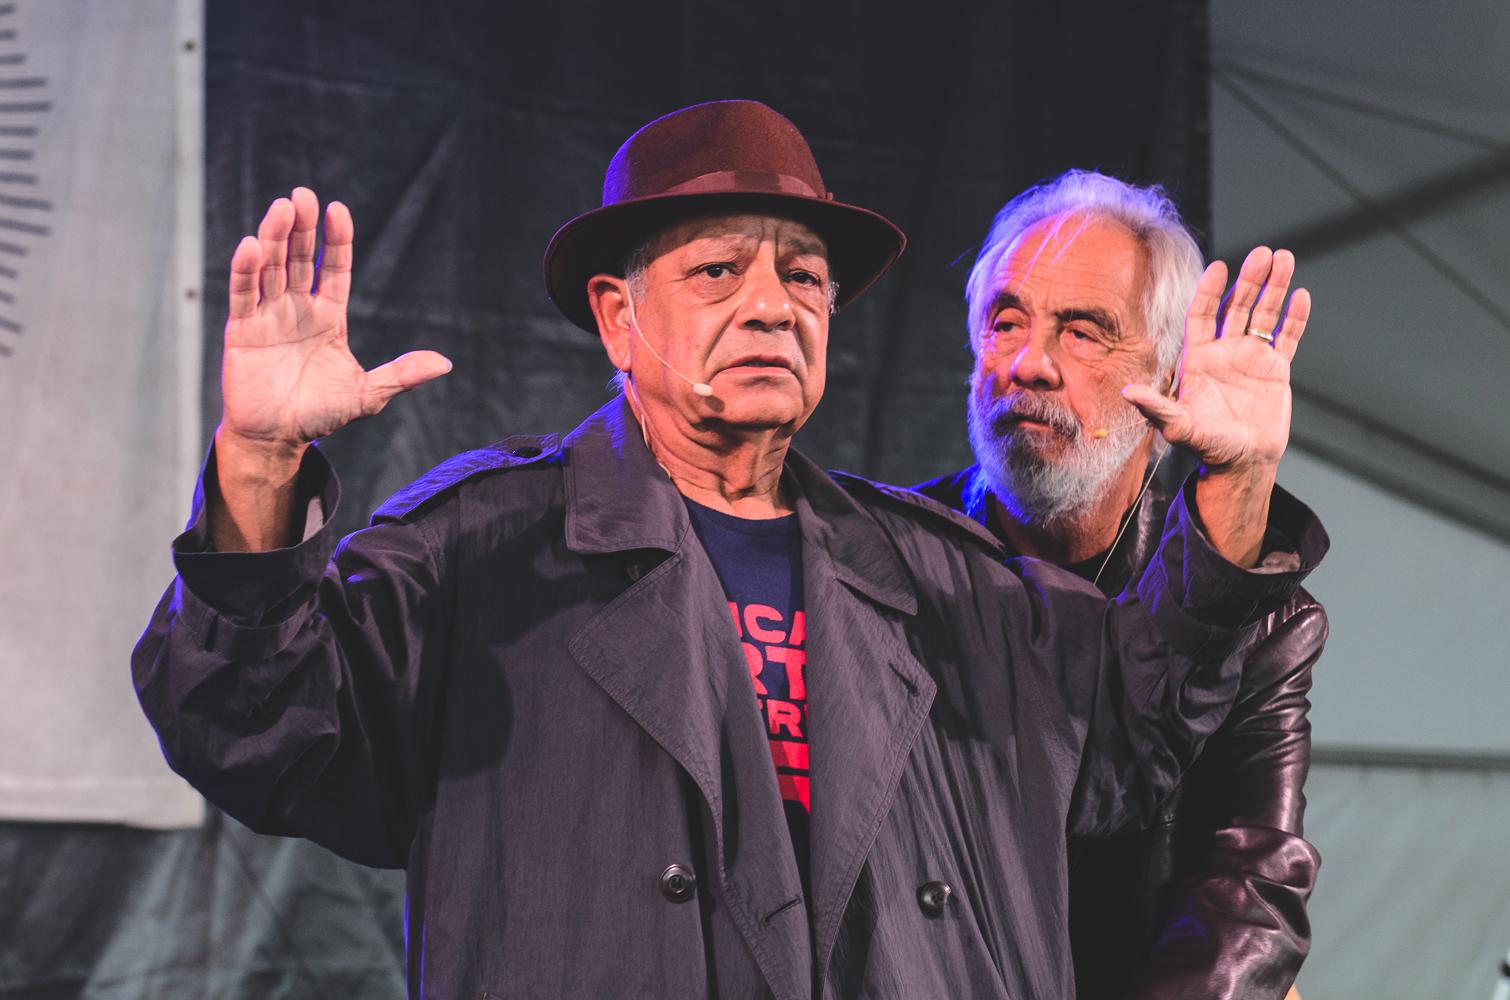 Newport Folk Festival 2018 Ben Kaye-Cheech and Chong 1